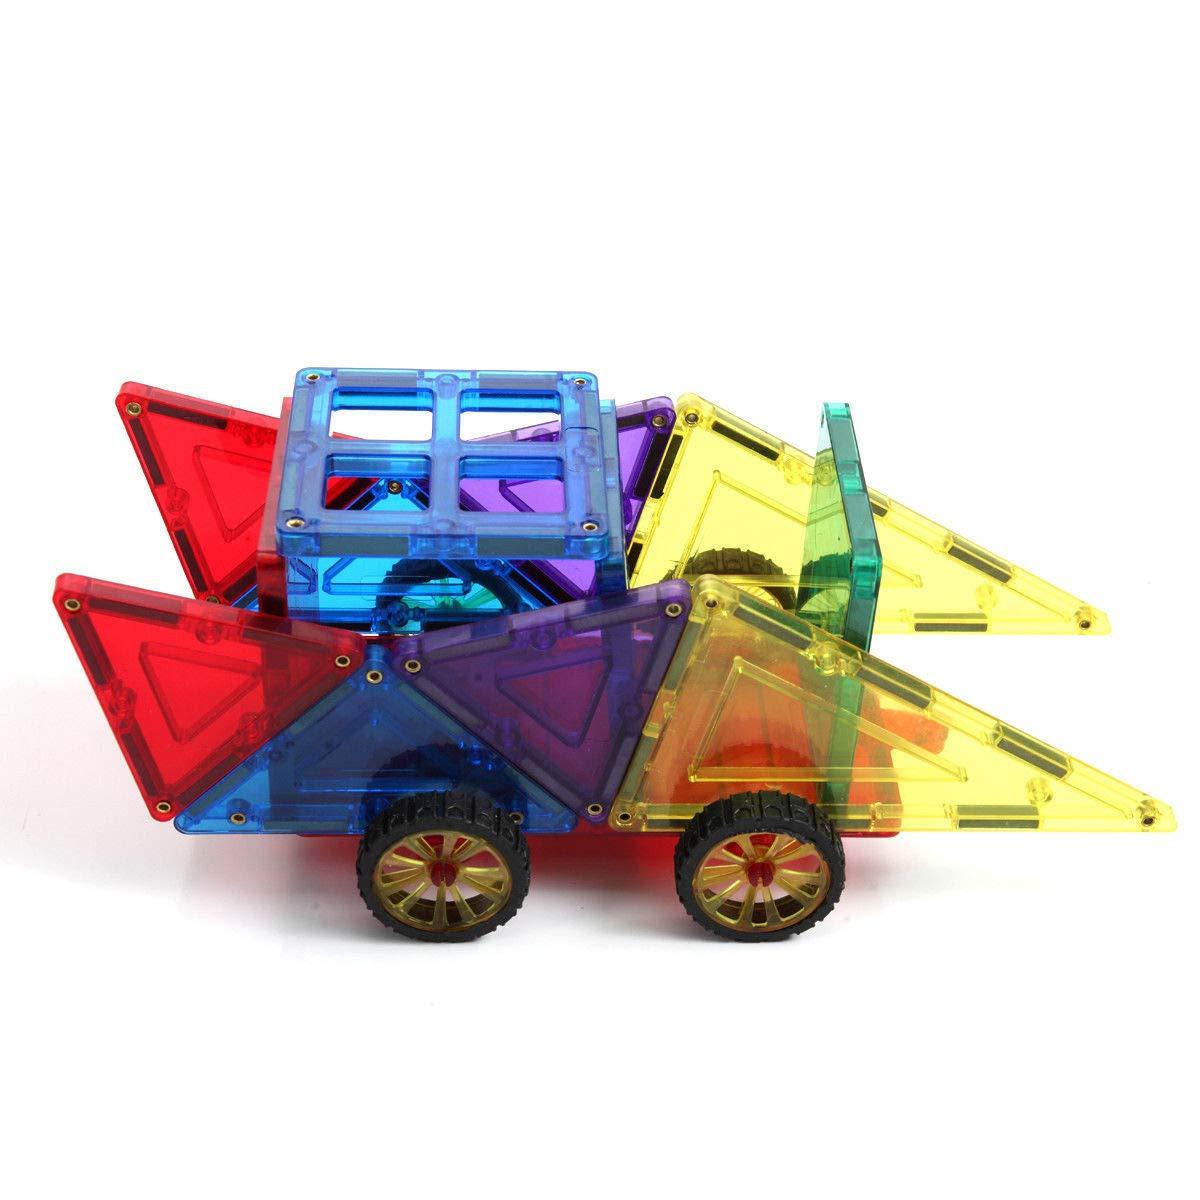 Heavens Tvcz 磁気開発玩具 カラフルなタイル 建物 クリア マルチカラー セット 車 & キャリーボックス 100ピース 学習教育 分類スタッキング   B07JN94RLC